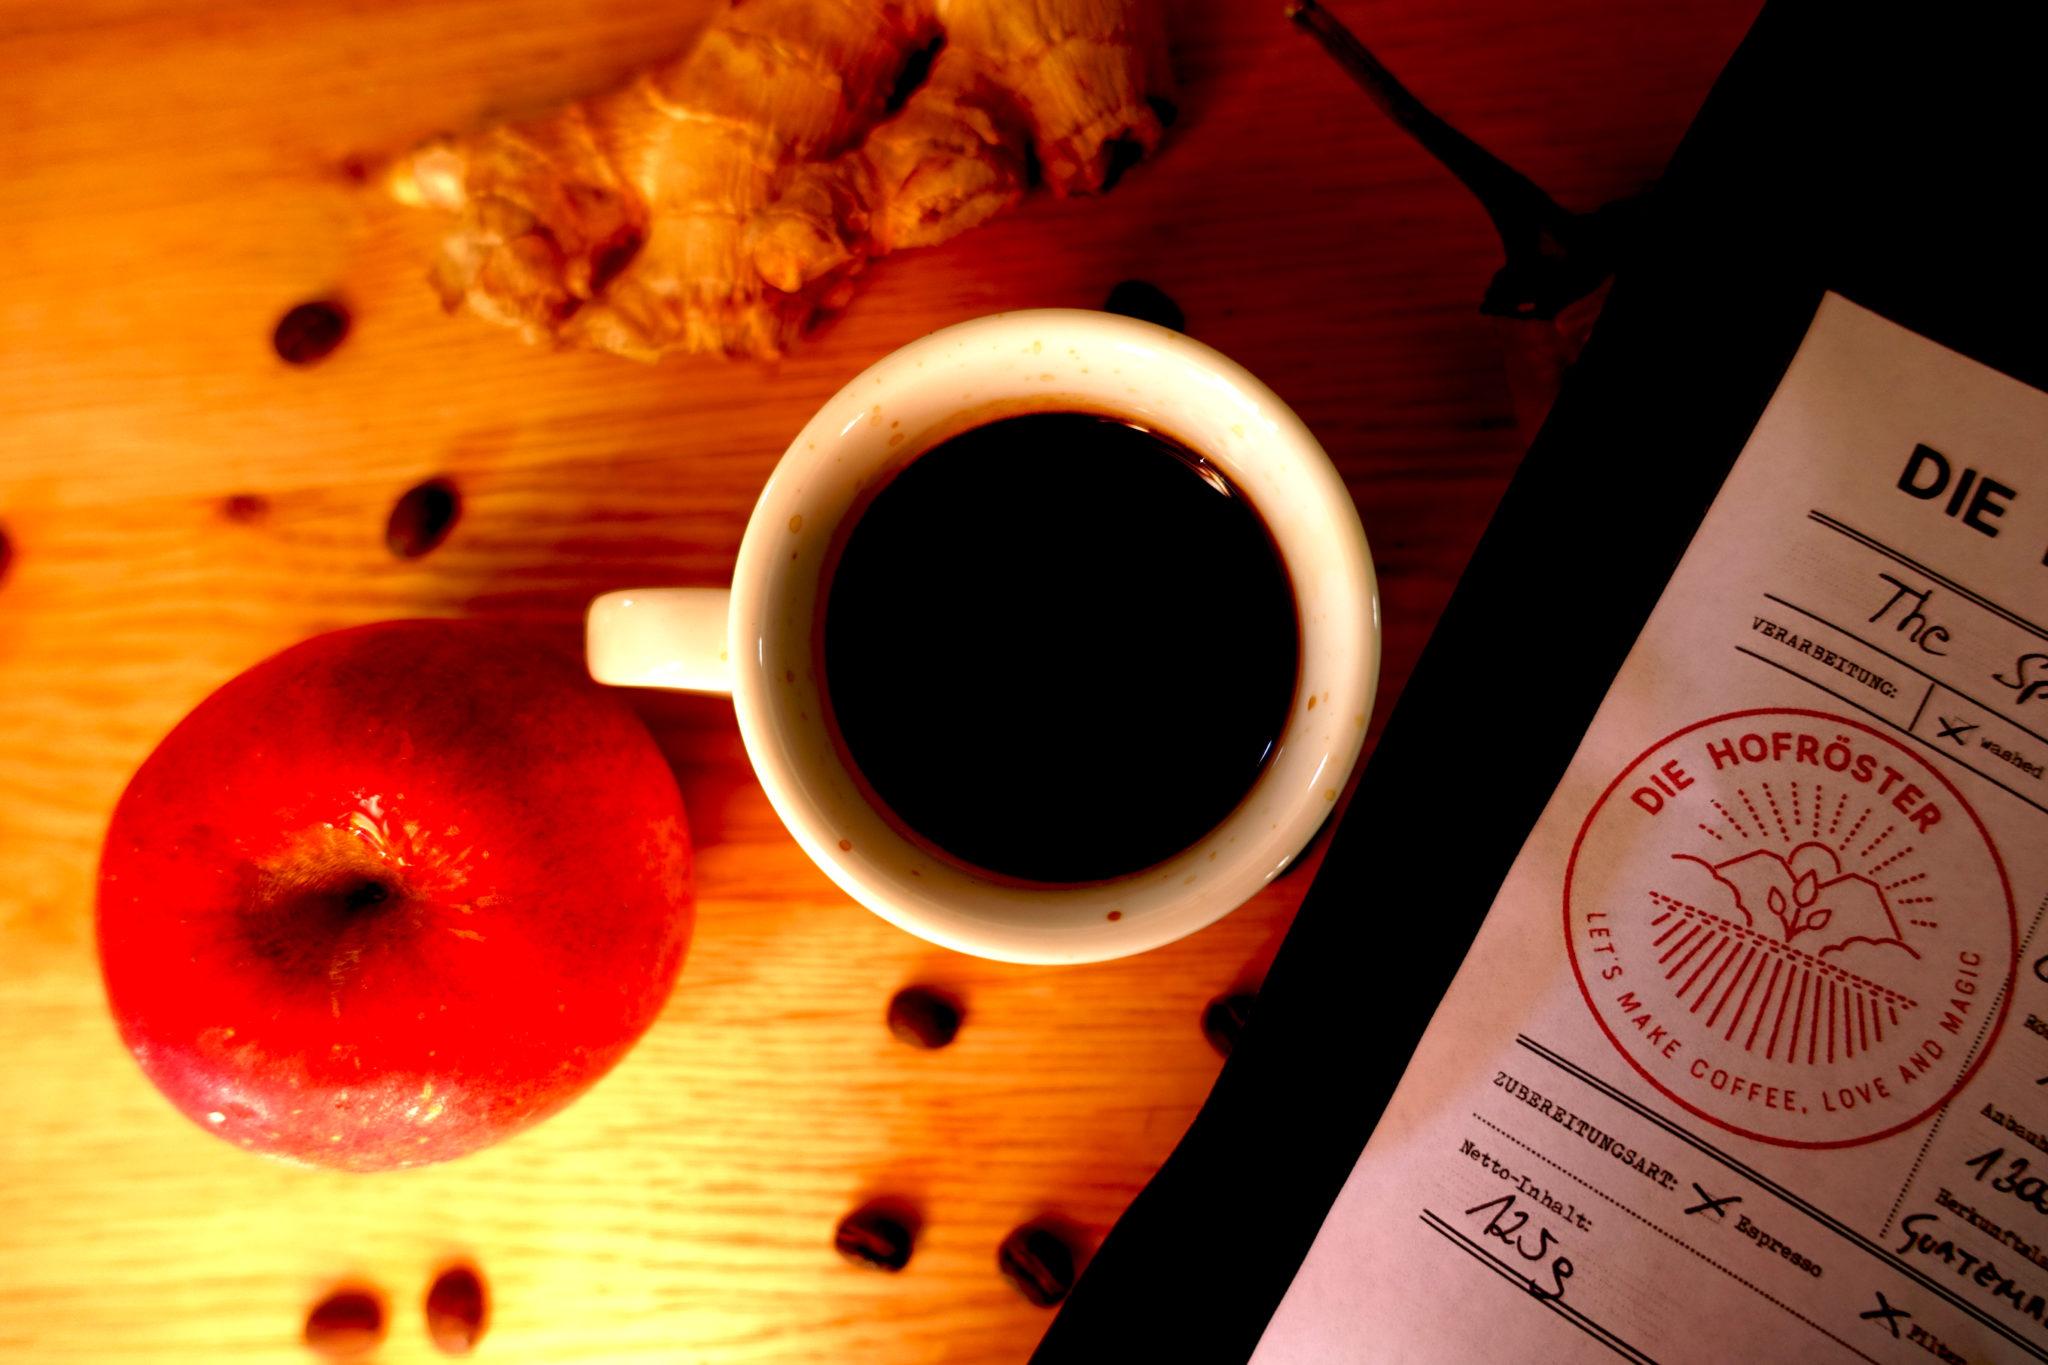 kaffee_apfel_logo